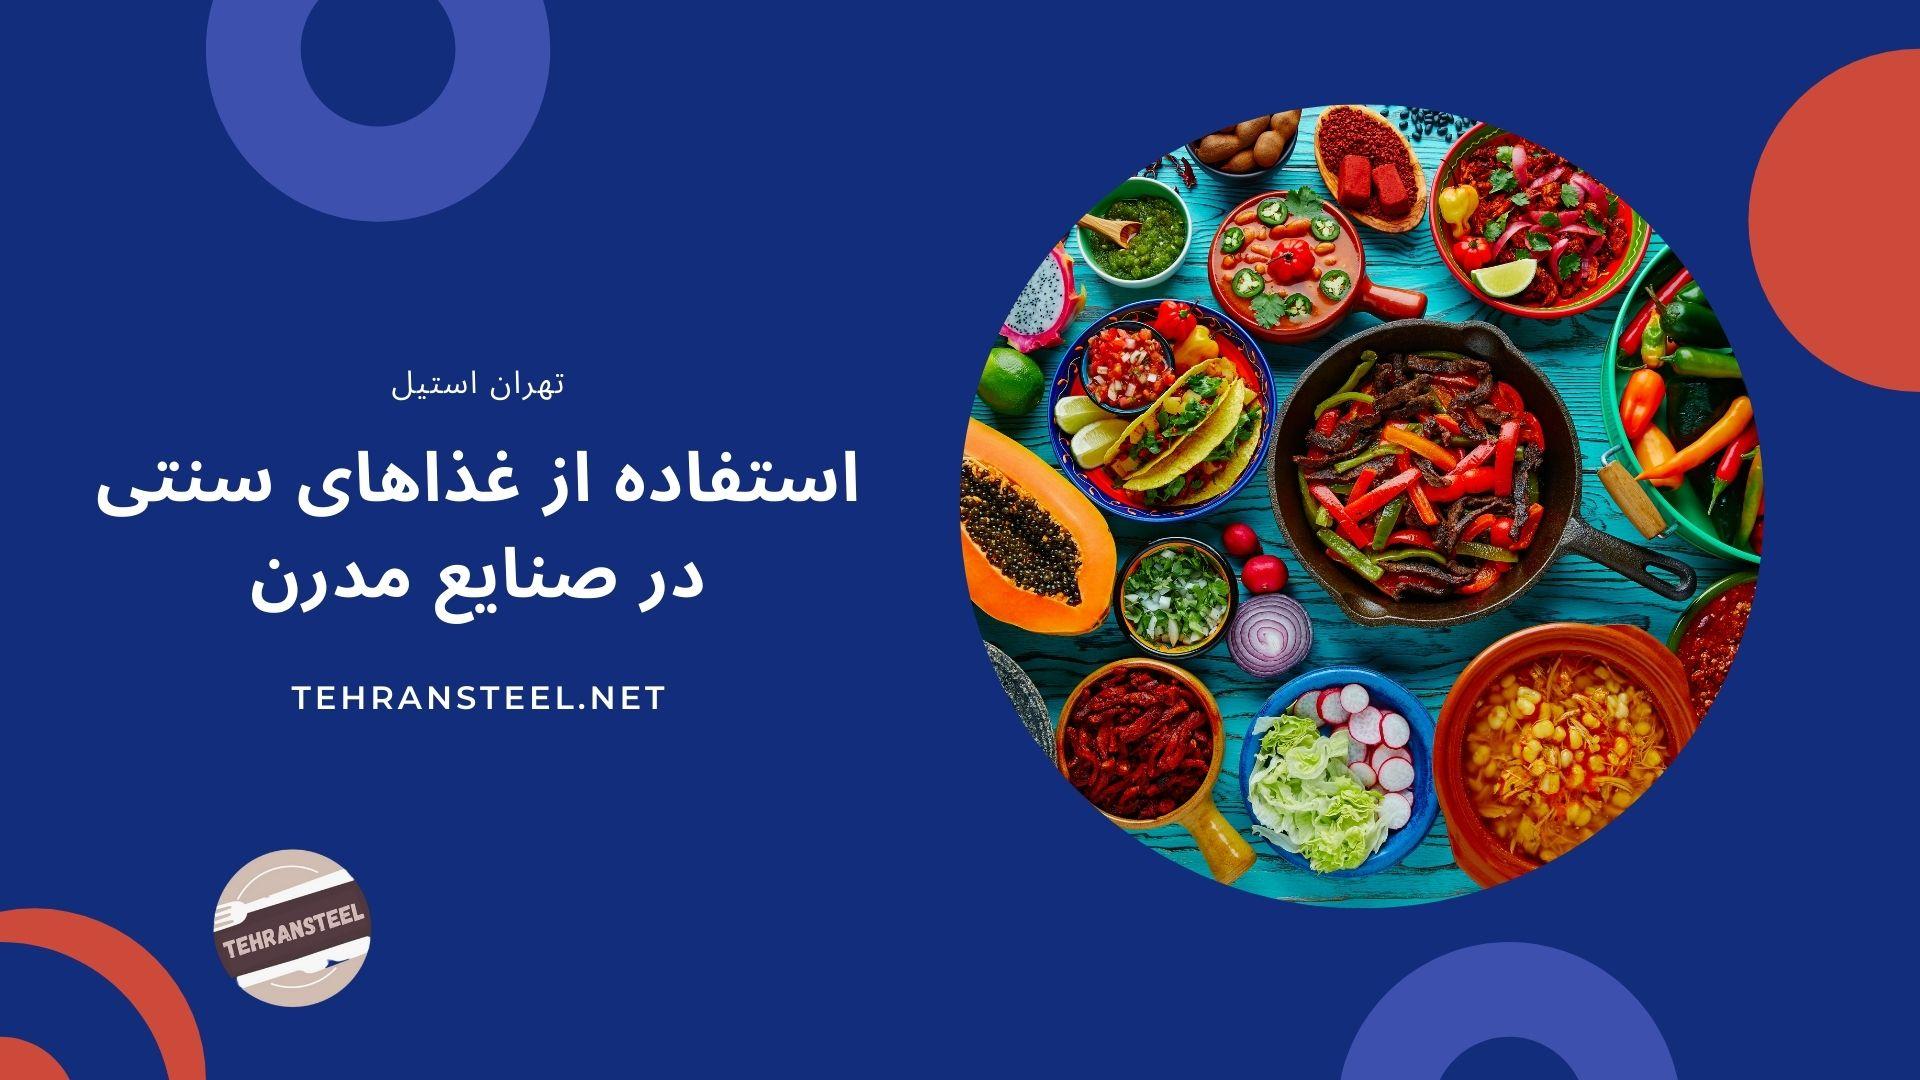 استفاده از غذاهای سنتی در صنایع مدرن